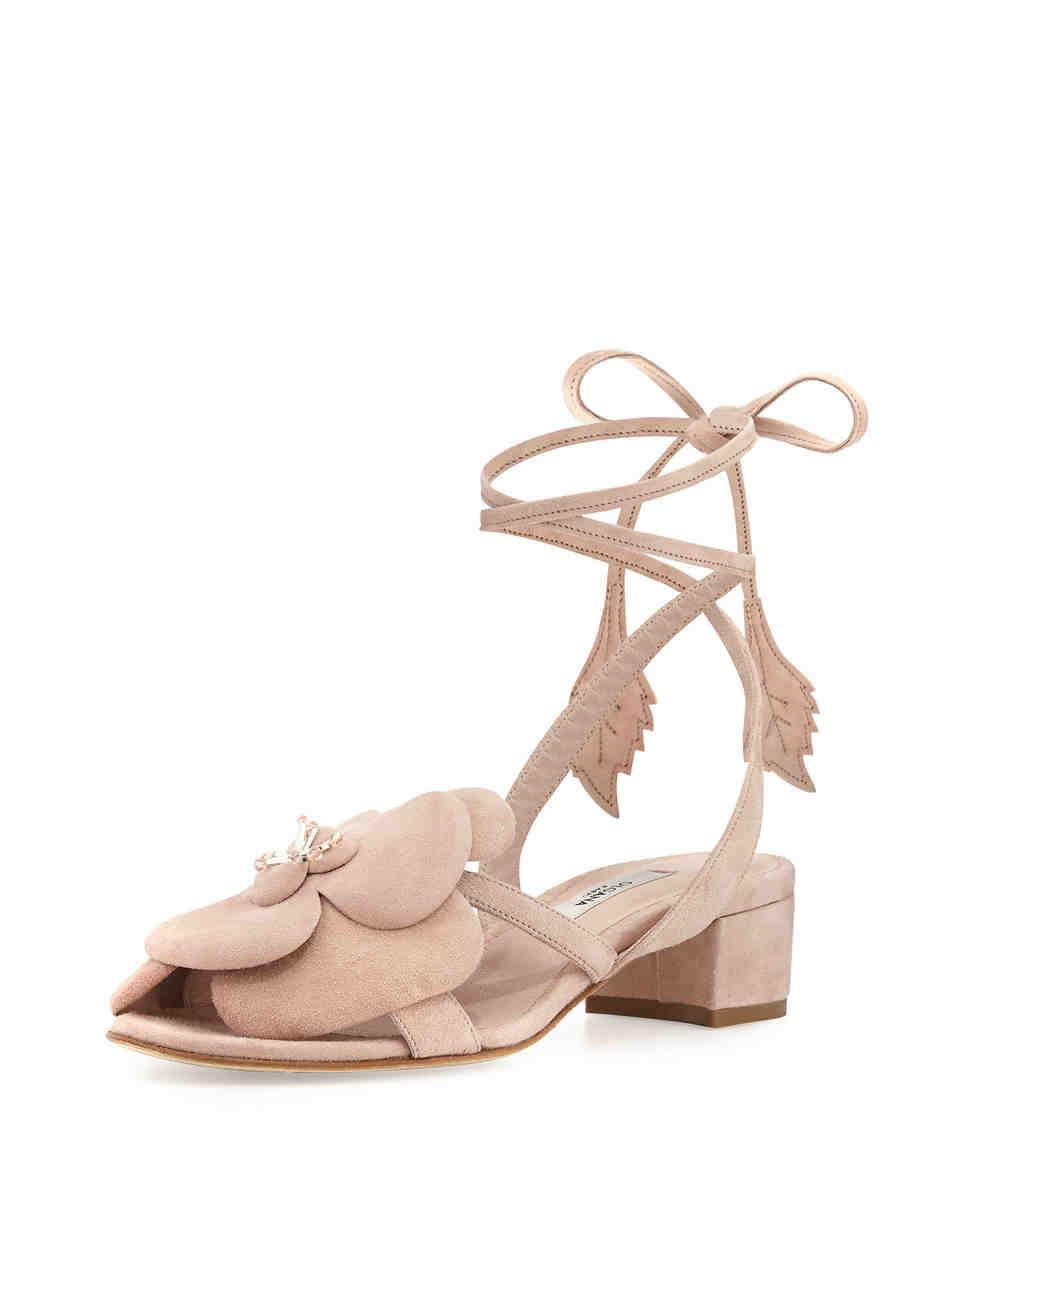 shoes that won't sink Olgana Paris floral lace-up sandal